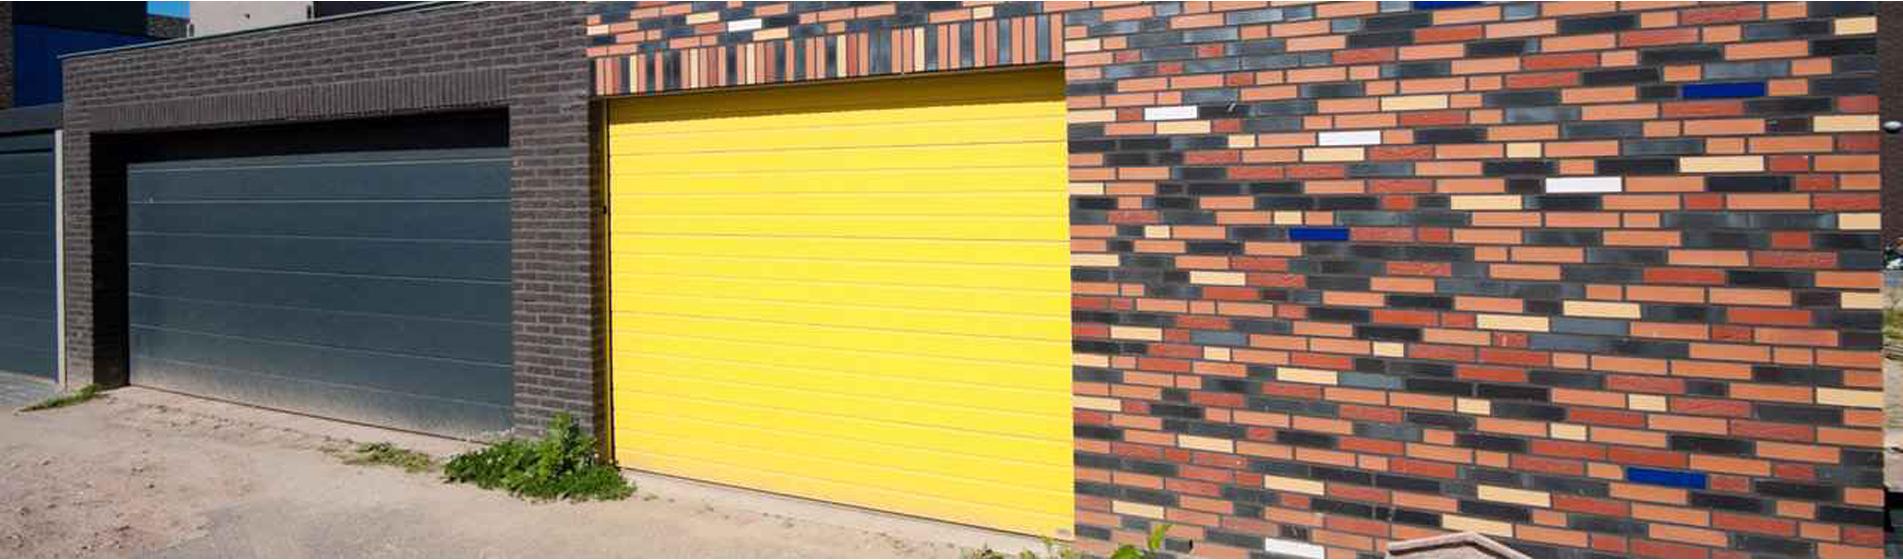 se procurer porte de garage enroulable 84 Vaucluse